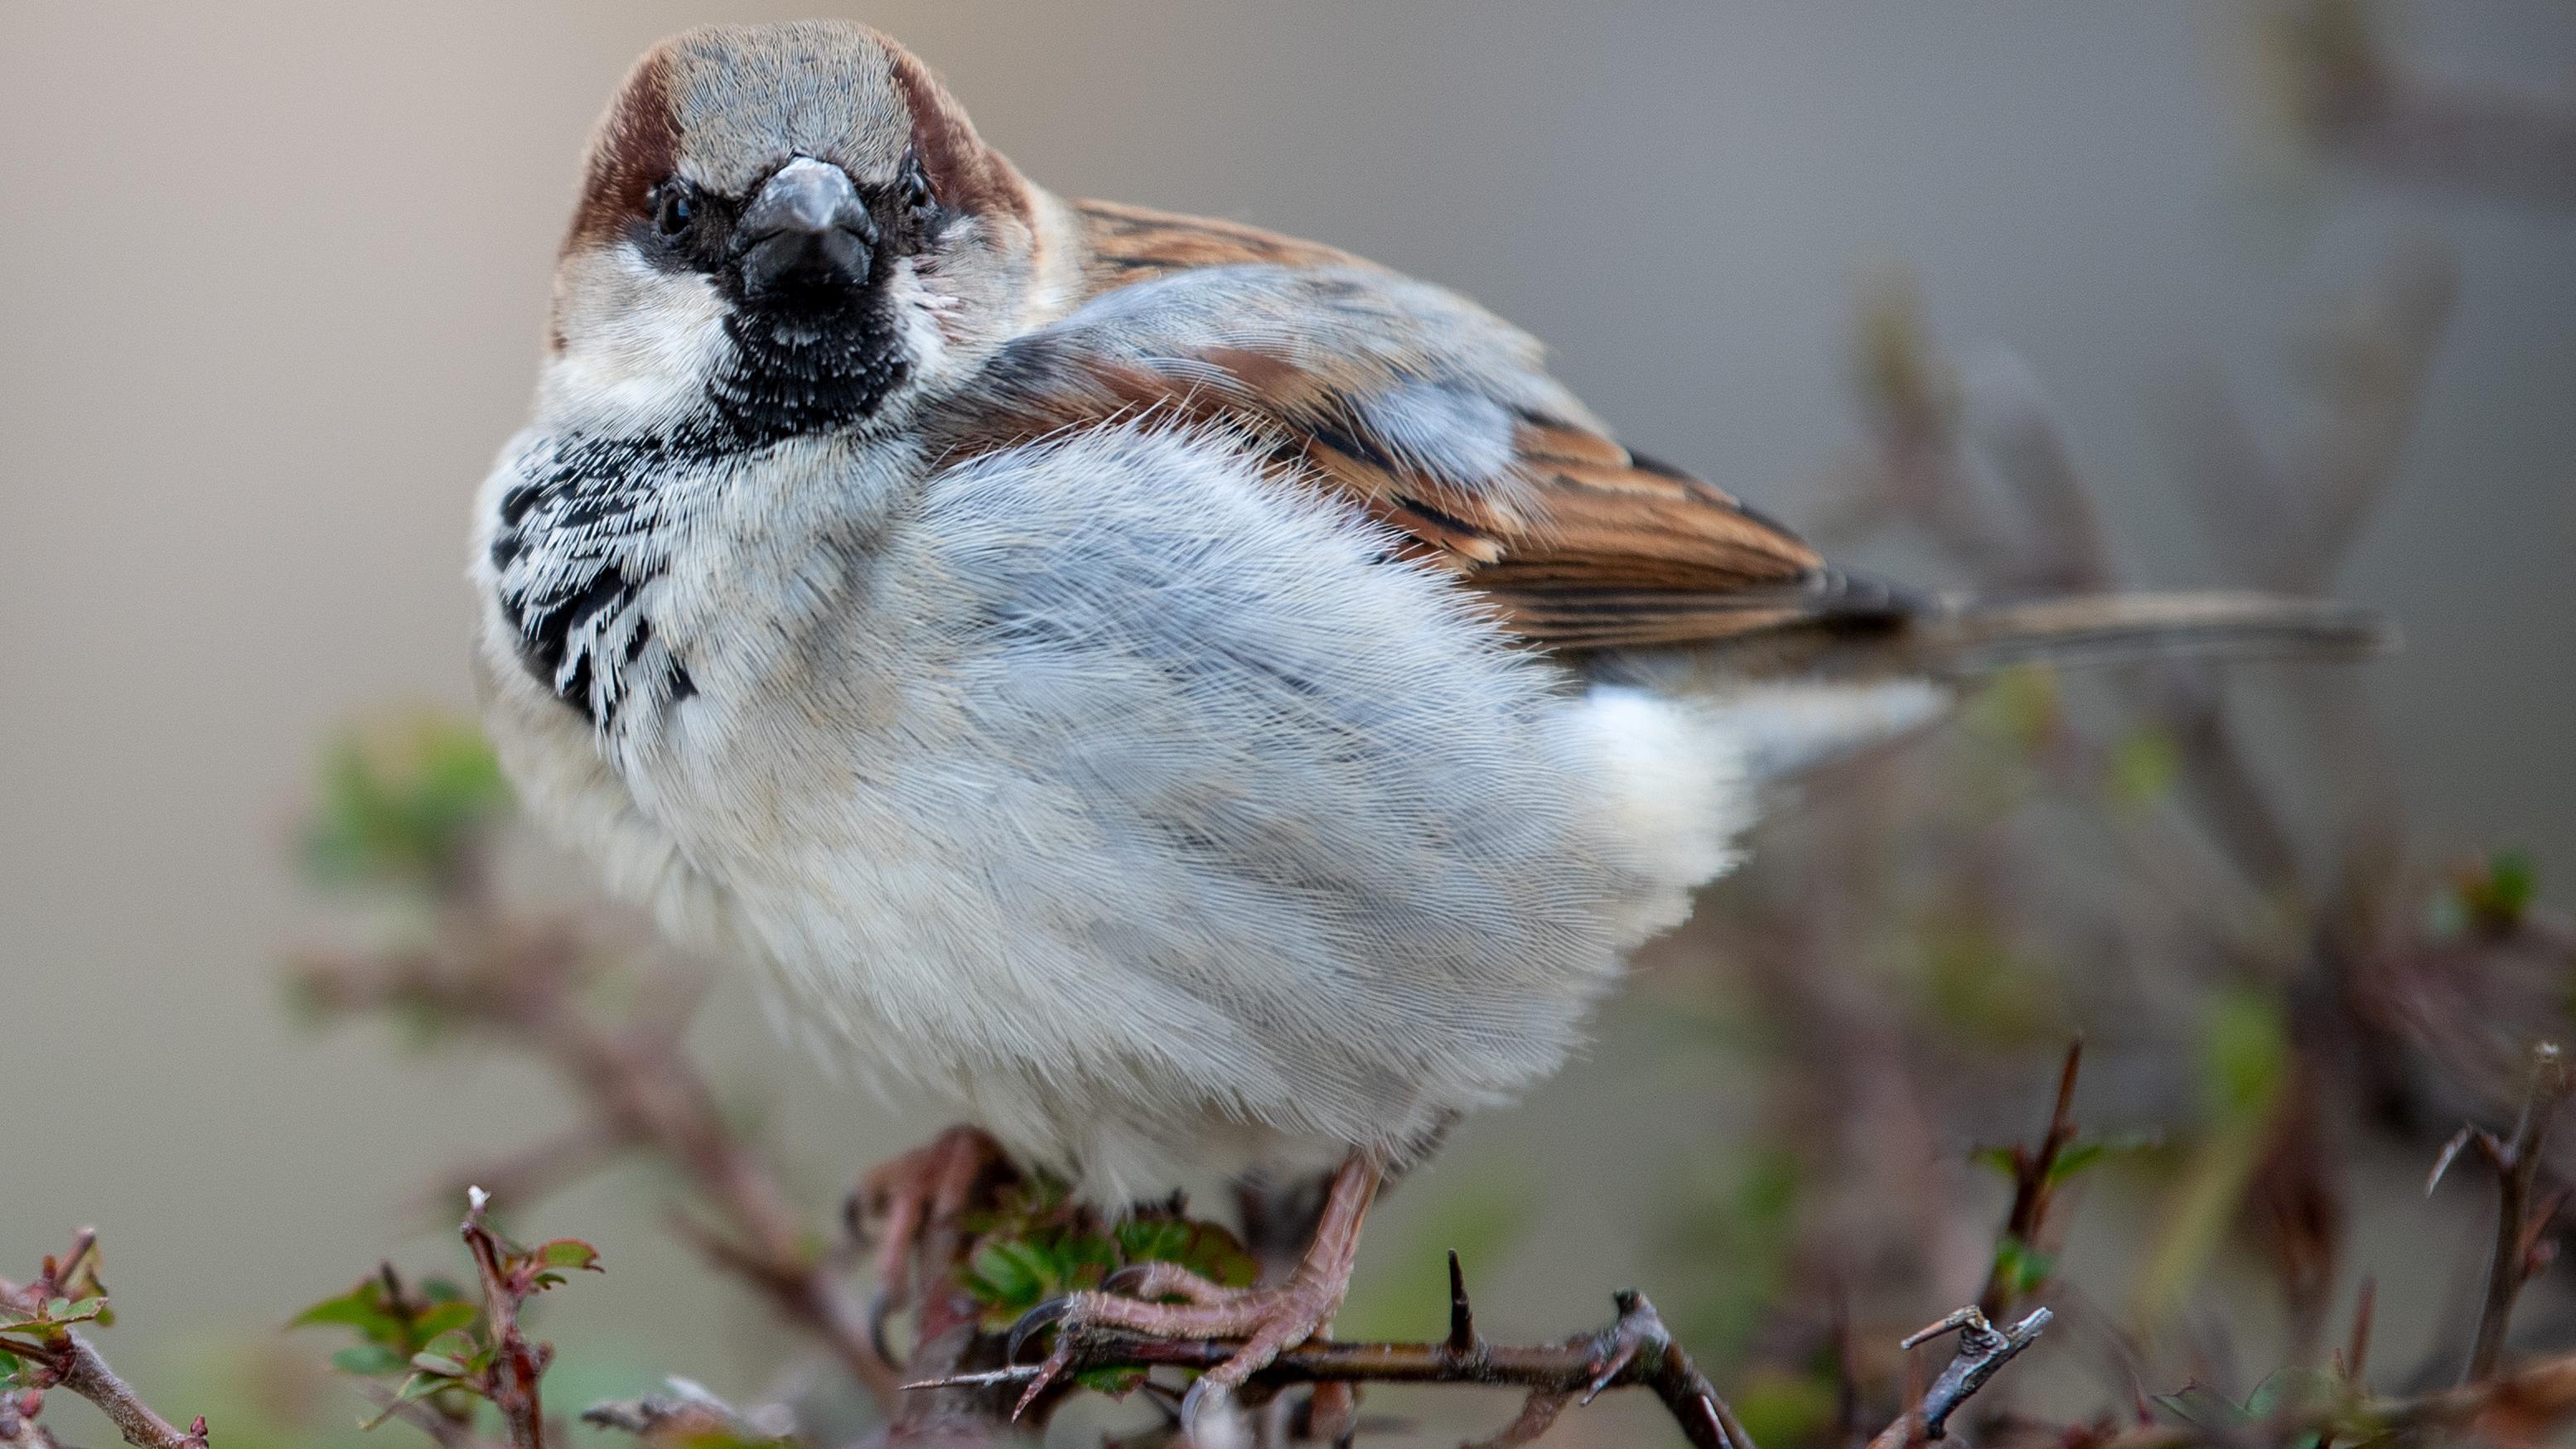 Haussperlinge bzw. Spatzen galten viele Jahre als bedroht. 2019 sind sie die Vogelart, die laut NABU und LBV am häufigsten vorkommt.